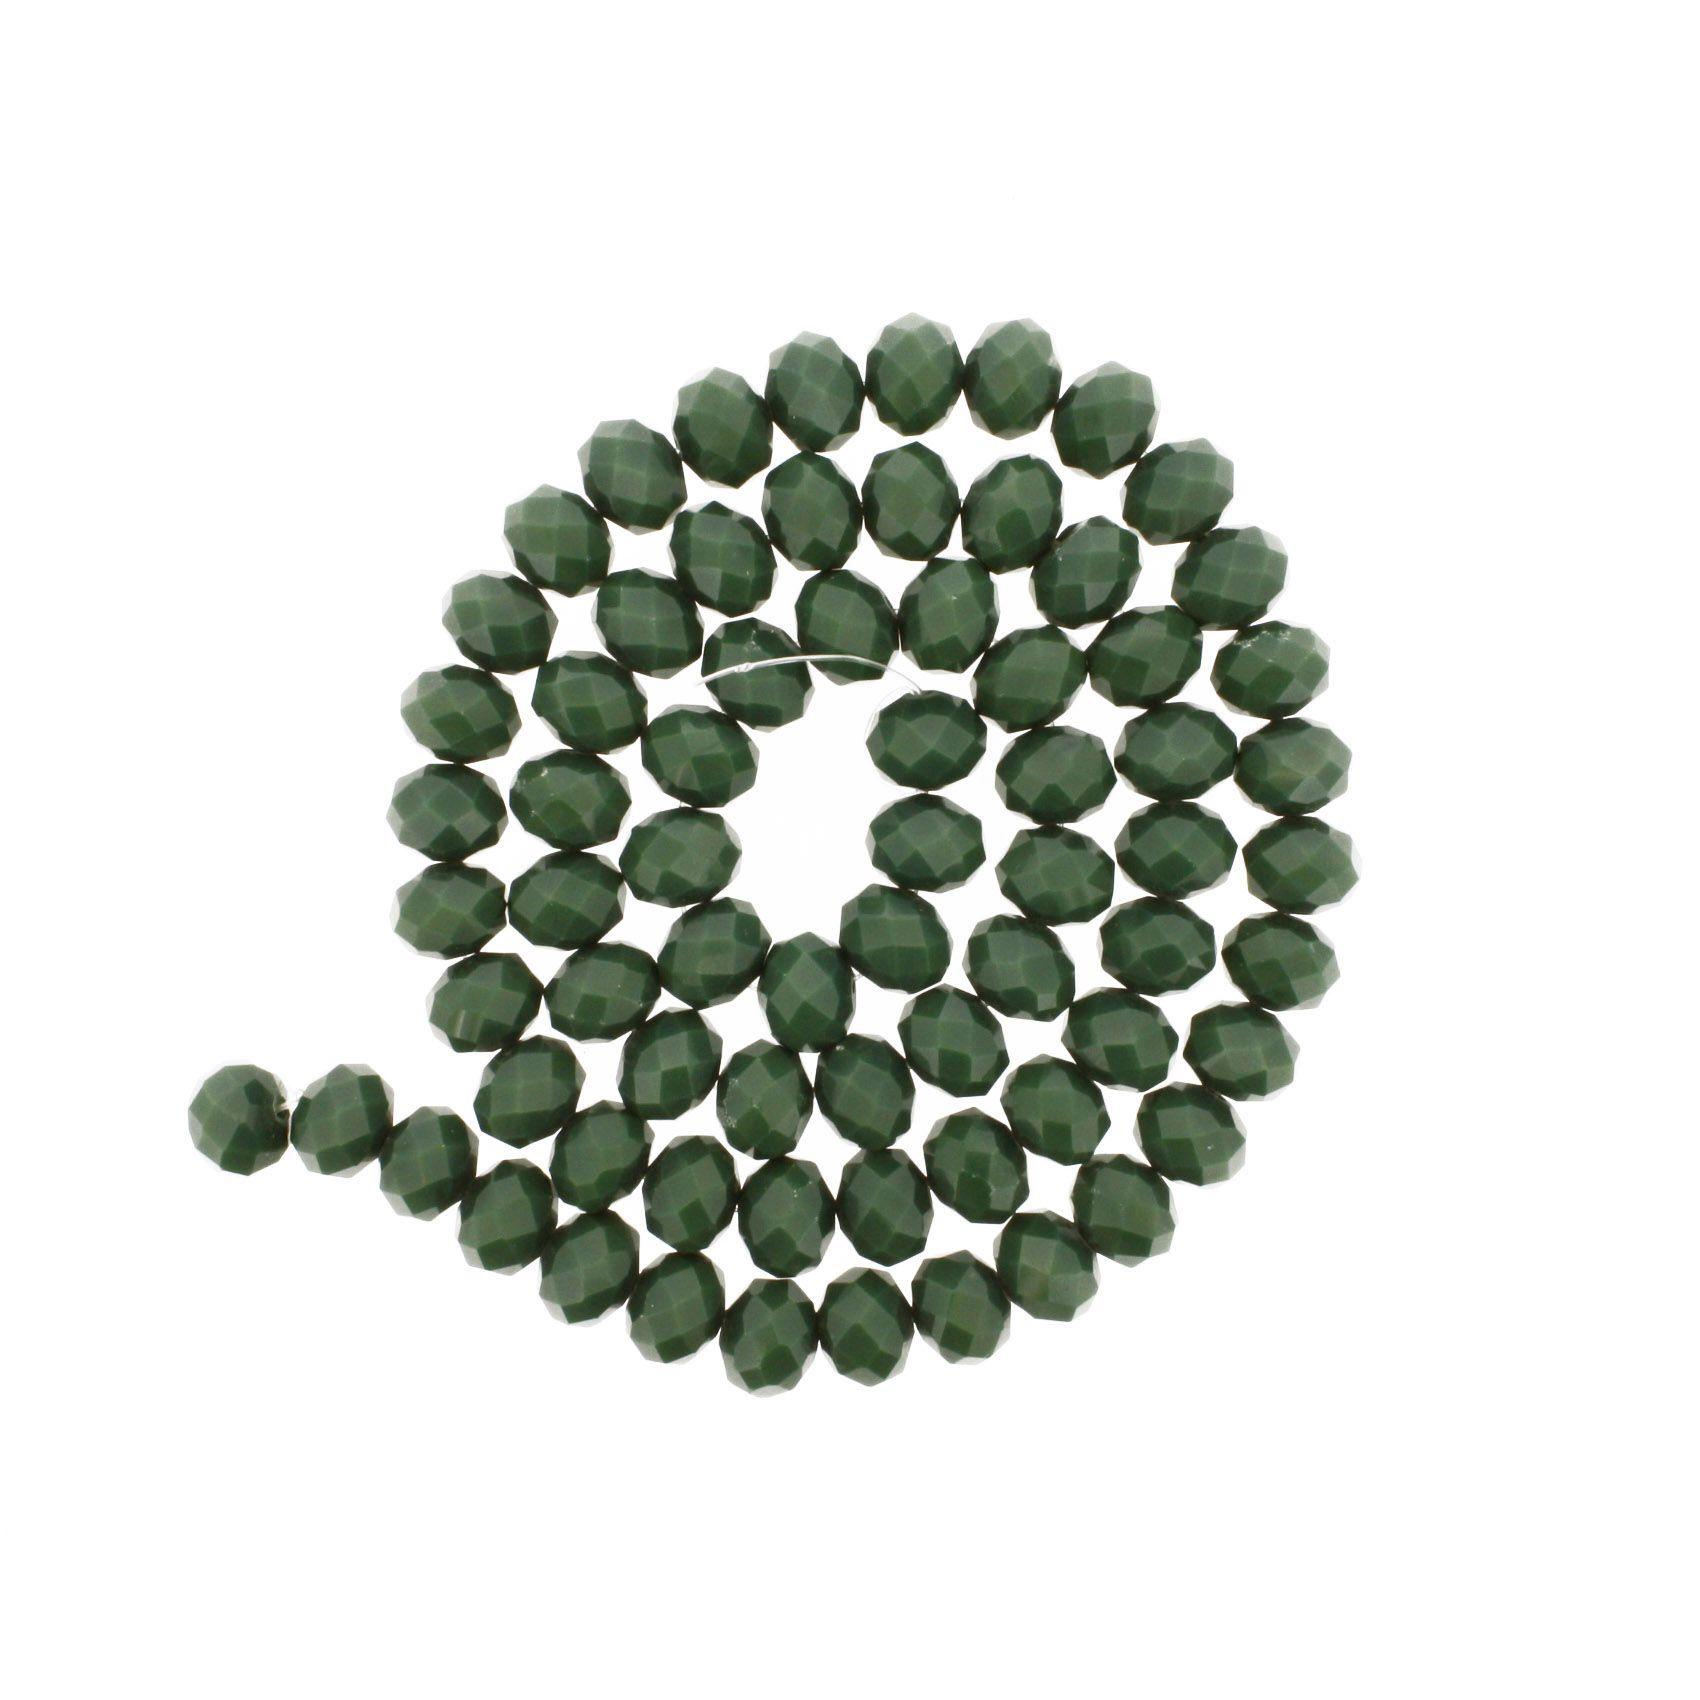 Fio de Cristal - Piatto® - Verde - 10mm  - Universo Religioso® - Artigos de Umbanda e Candomblé